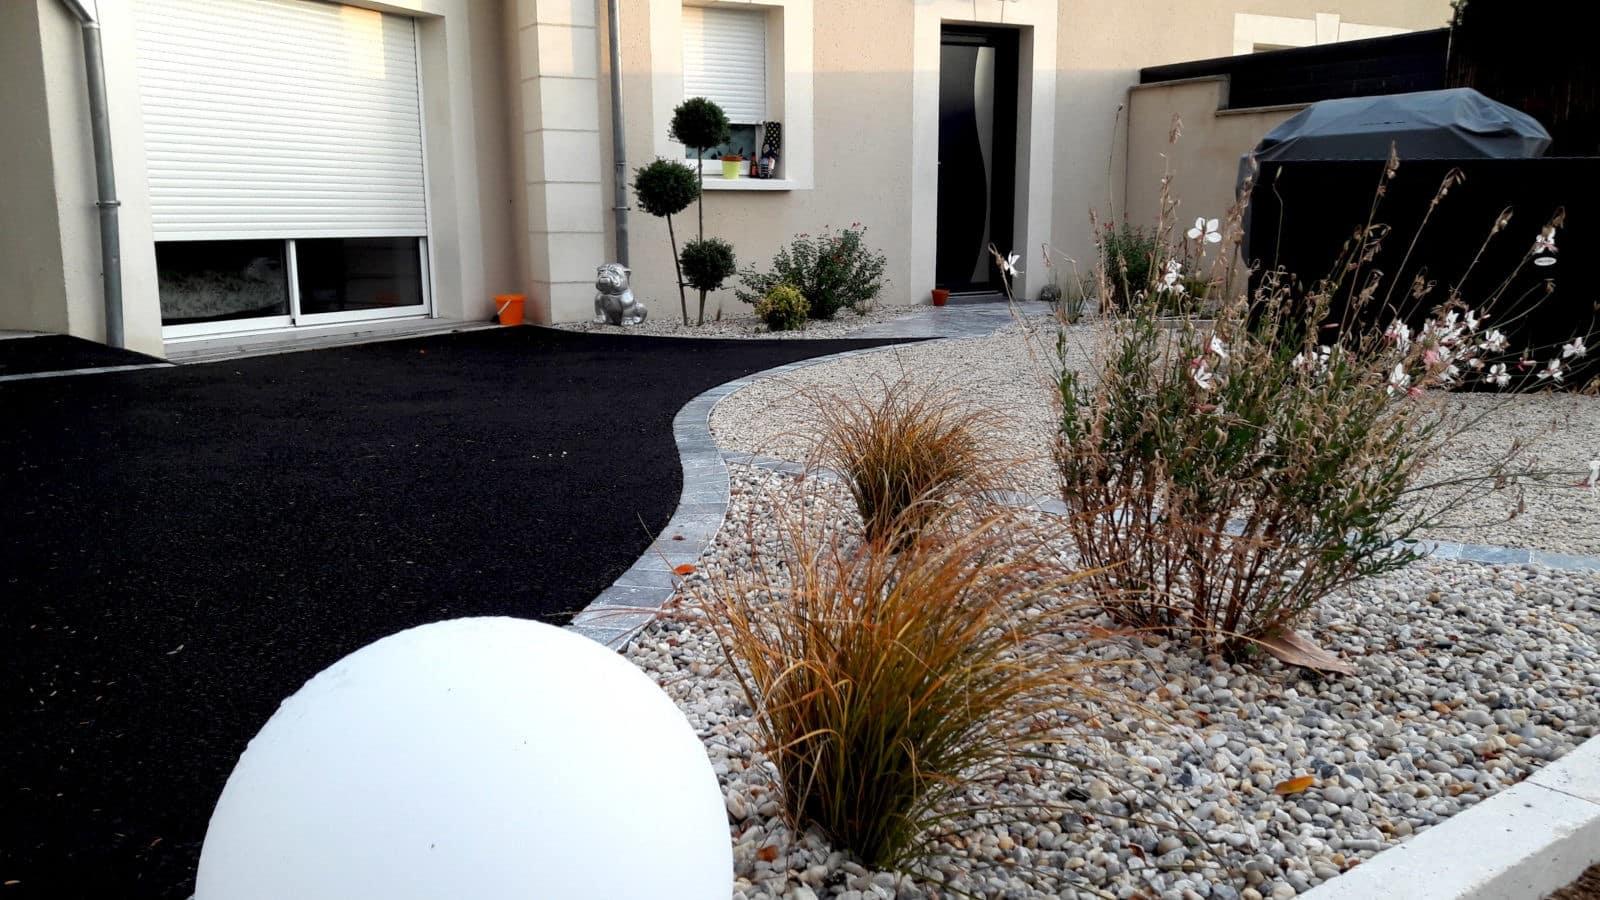 Comment Aménager Jardin Pas Cher comment aménager une cour extérieure ? - lantana paysage